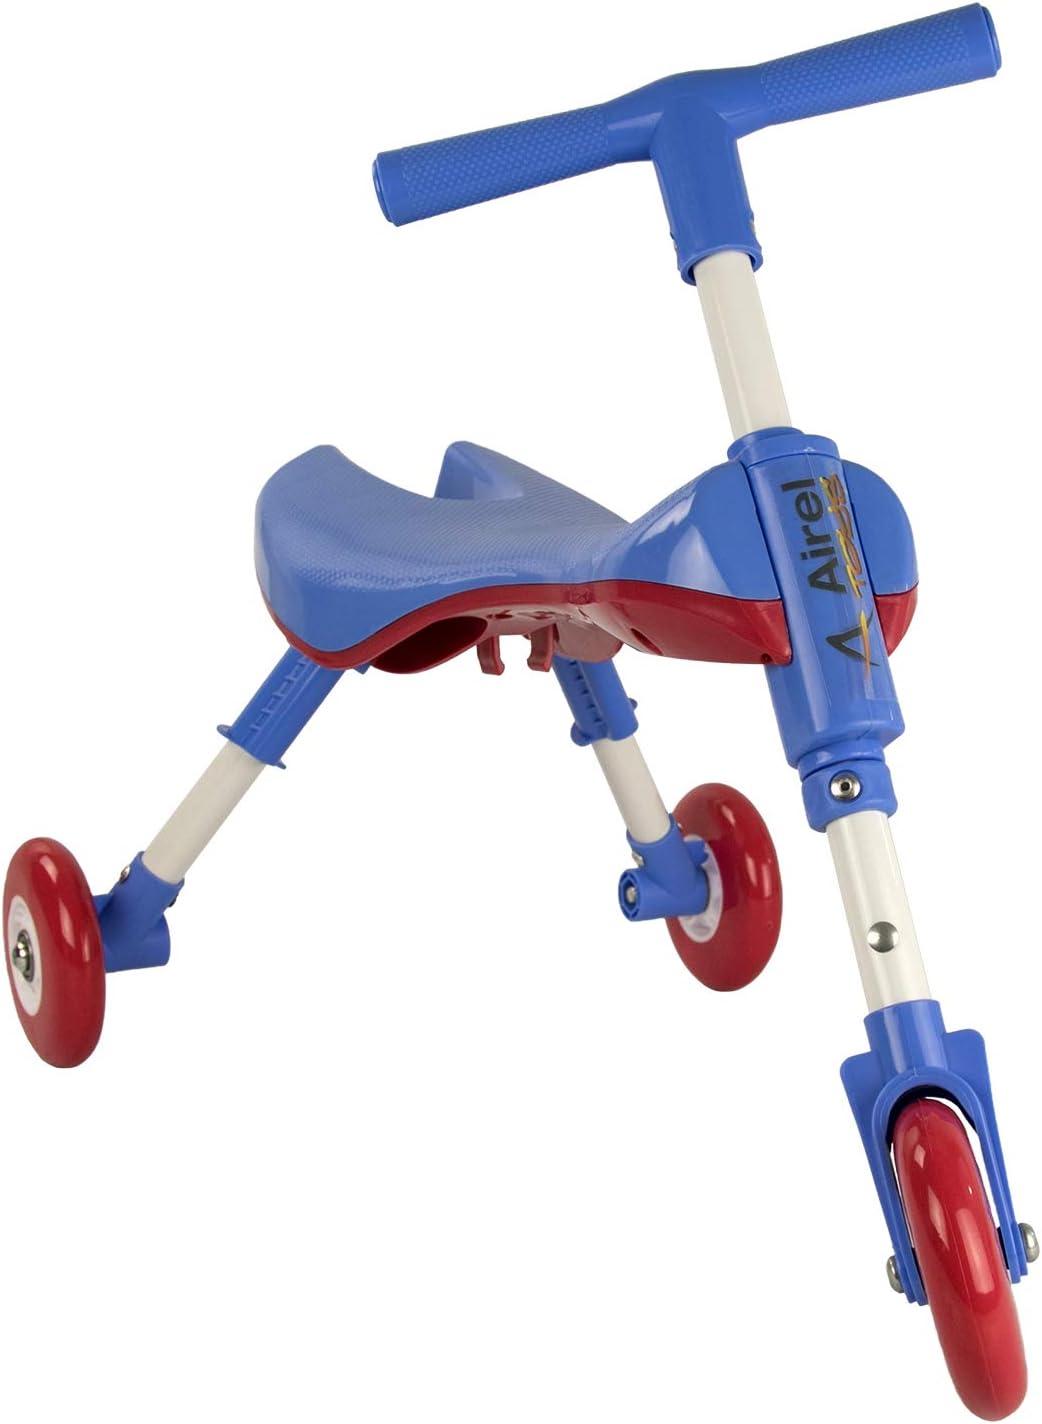 Airel Triciclo Sin Pedales | Correpasillos Bebé | Triciclo Sin Pedales Bebé | Triciclo Sin Pedales Plegable | Triciclo Sin Pedales Infantil | De 1 a 3 años